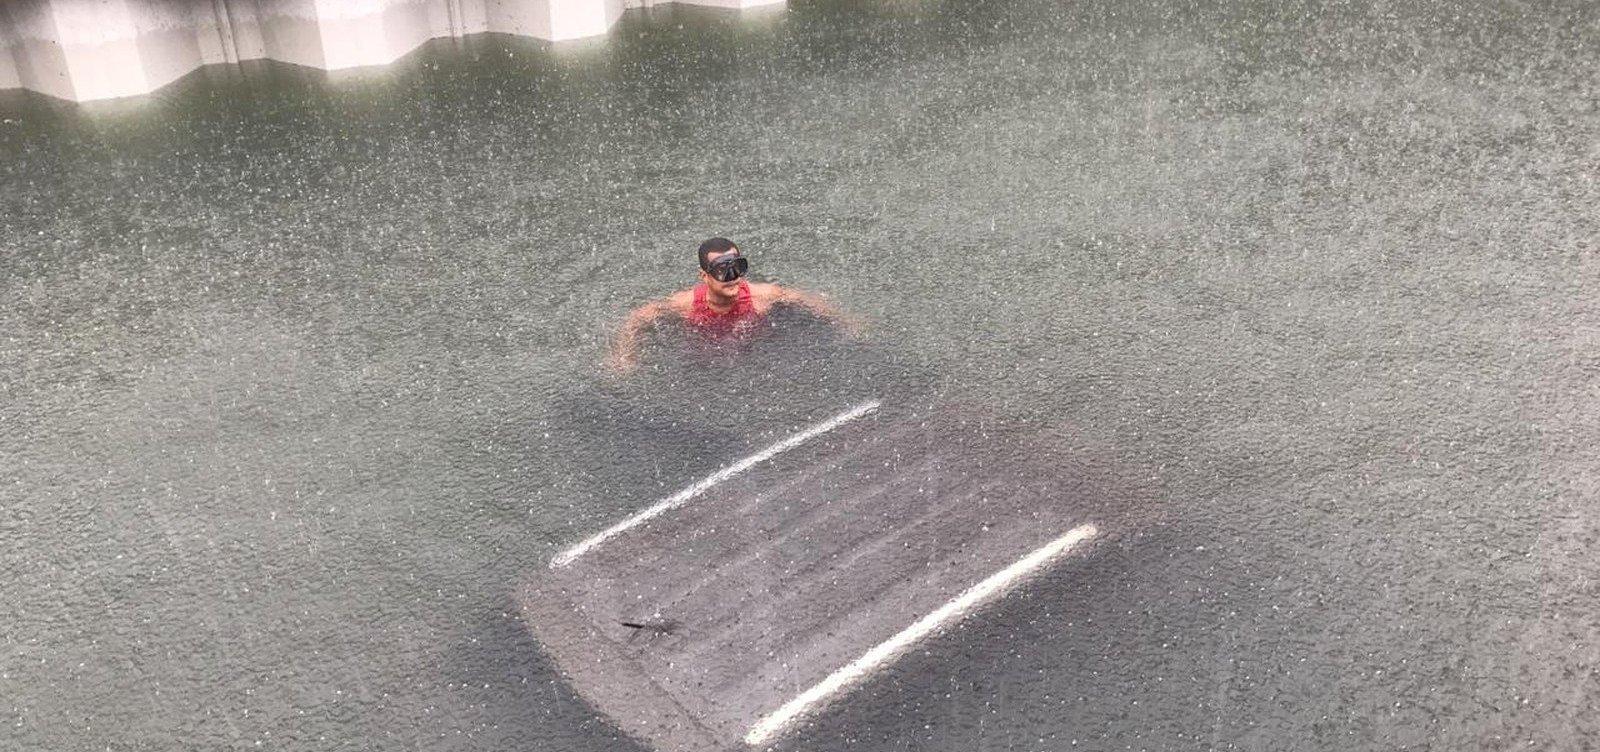 [Sobe para 10 o número de mortos em temporal no Rio de Janeiro]